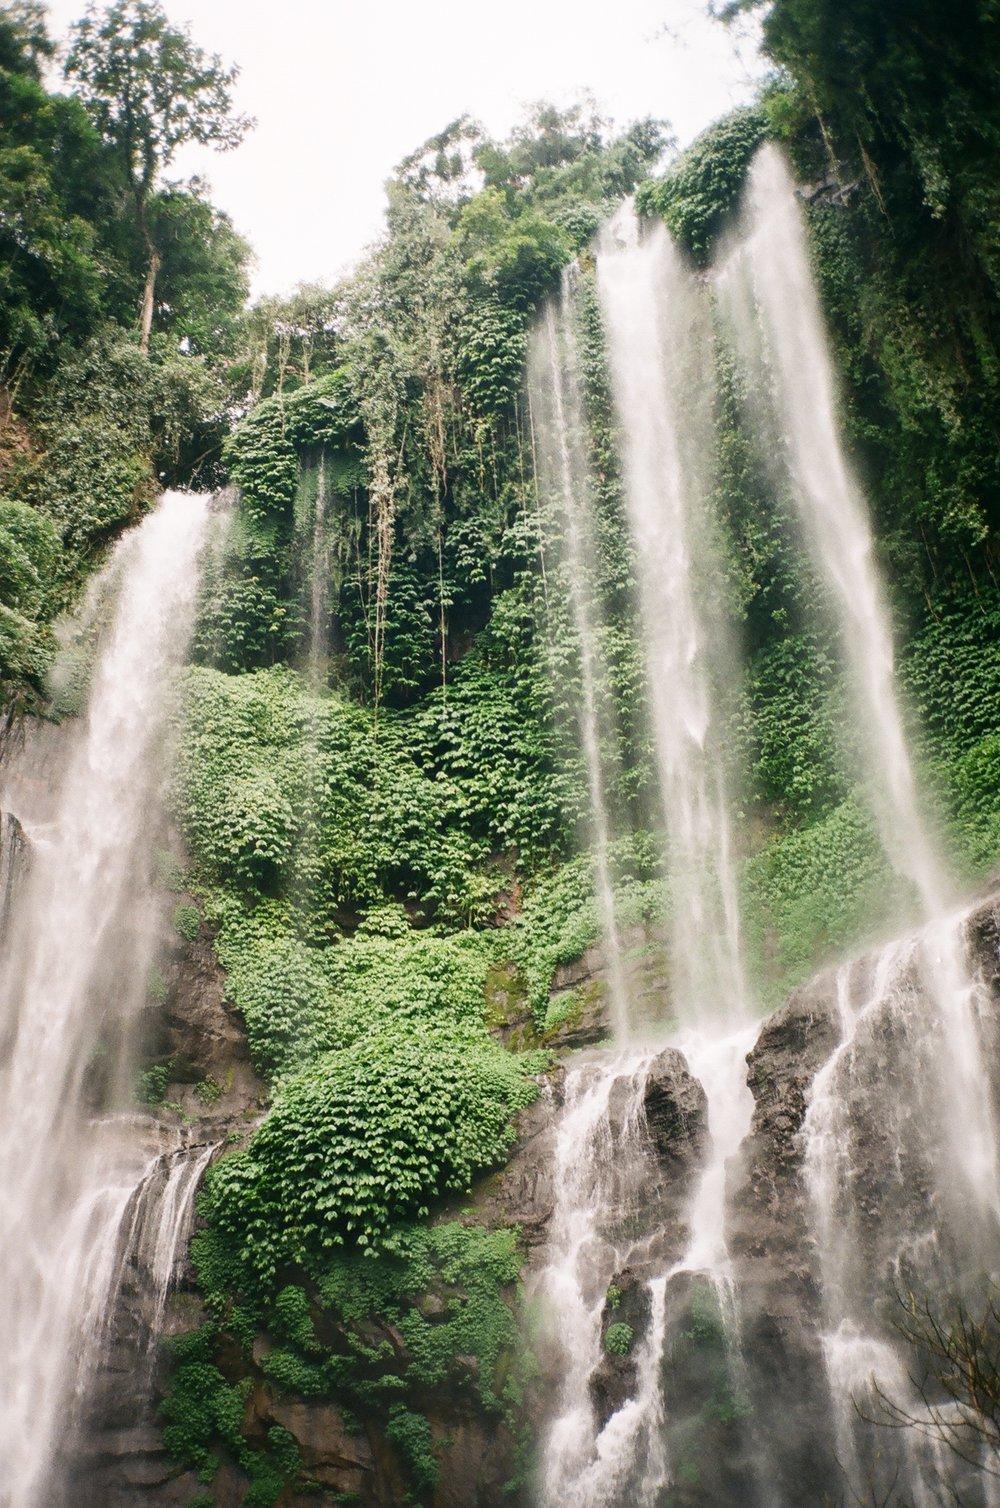 Bali, Indonesia - Danny